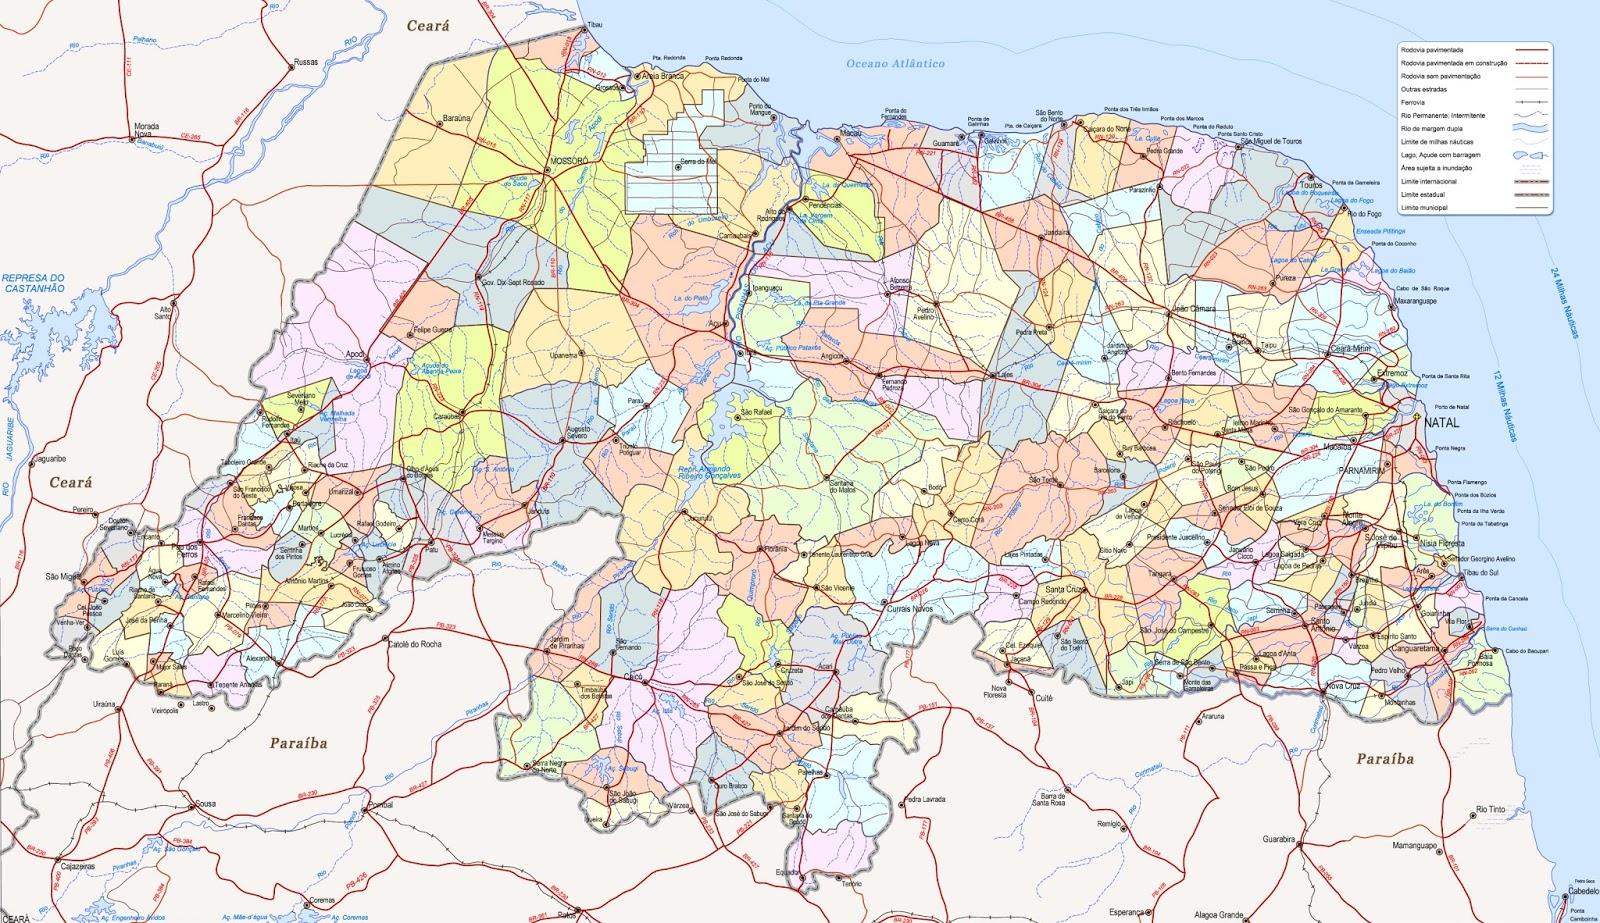 Mapa do Rio Grande do Norte